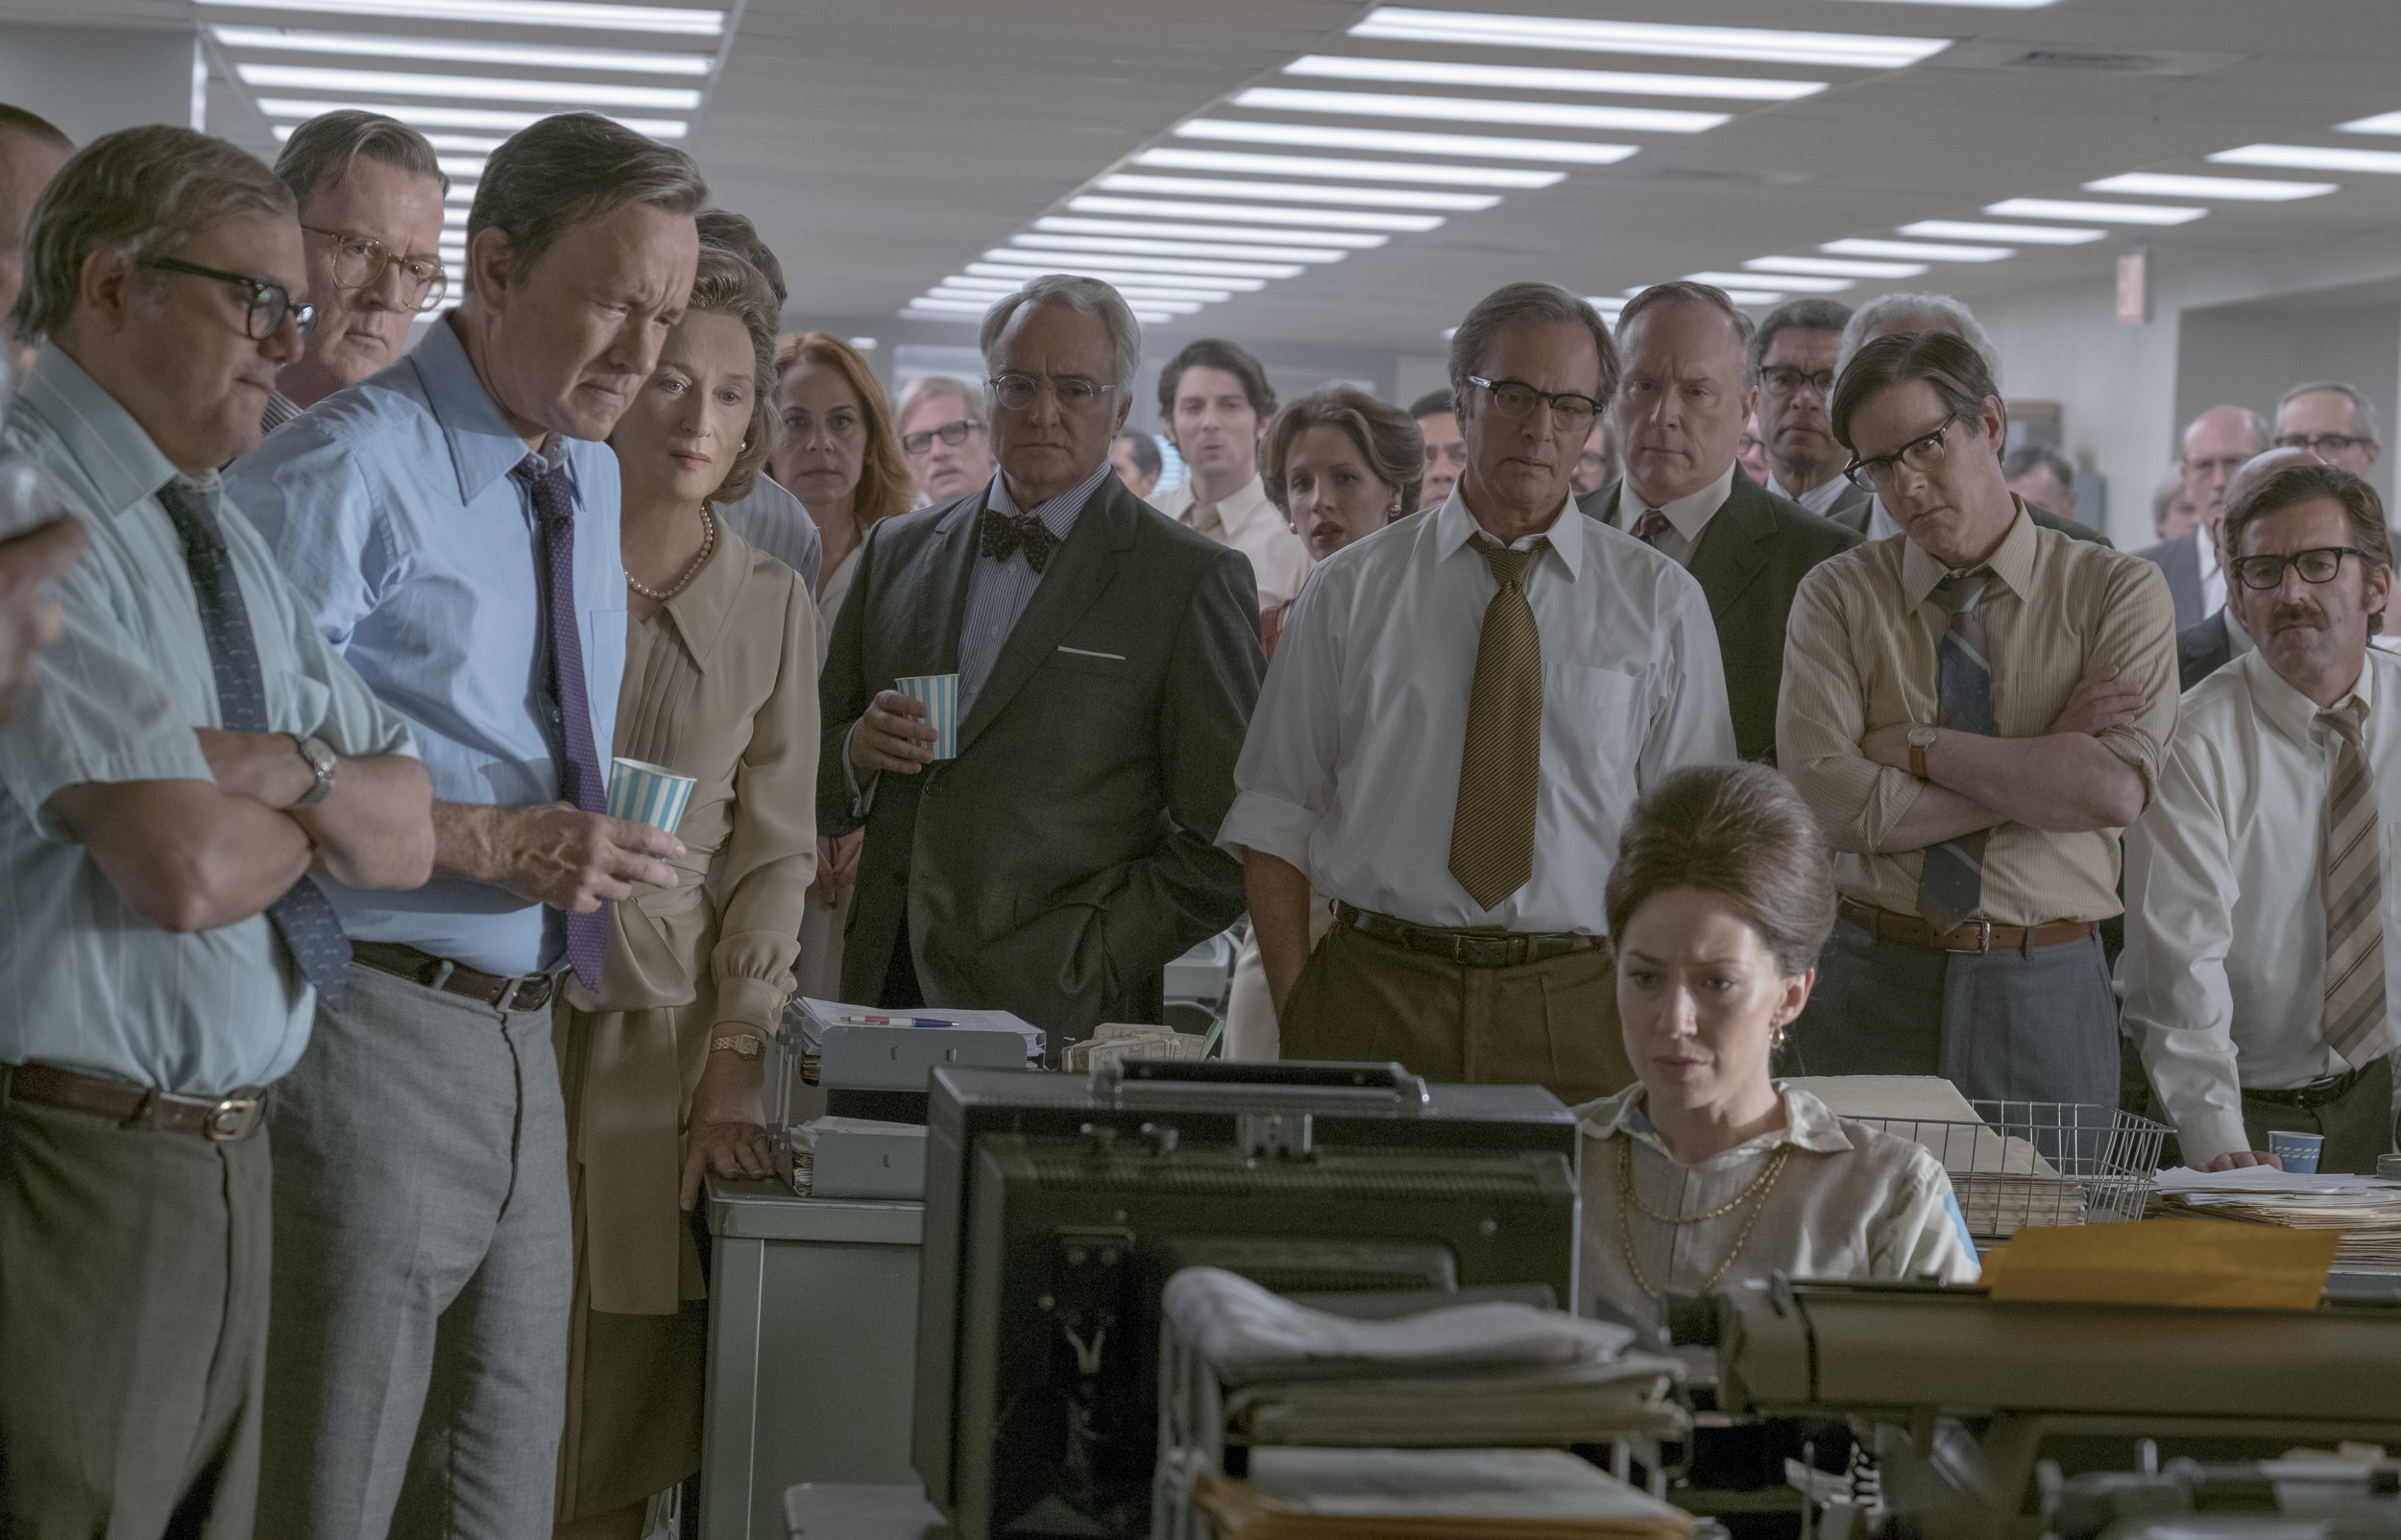 Avsløringene av Pentagon-papirene ble usedvanlig dårlig likt av daværende president Richard Nixon. Her lytter de ansatte i The Post på radiomeldingen om at presidenten har nedlagt et forbud mot ytterligere publisering.